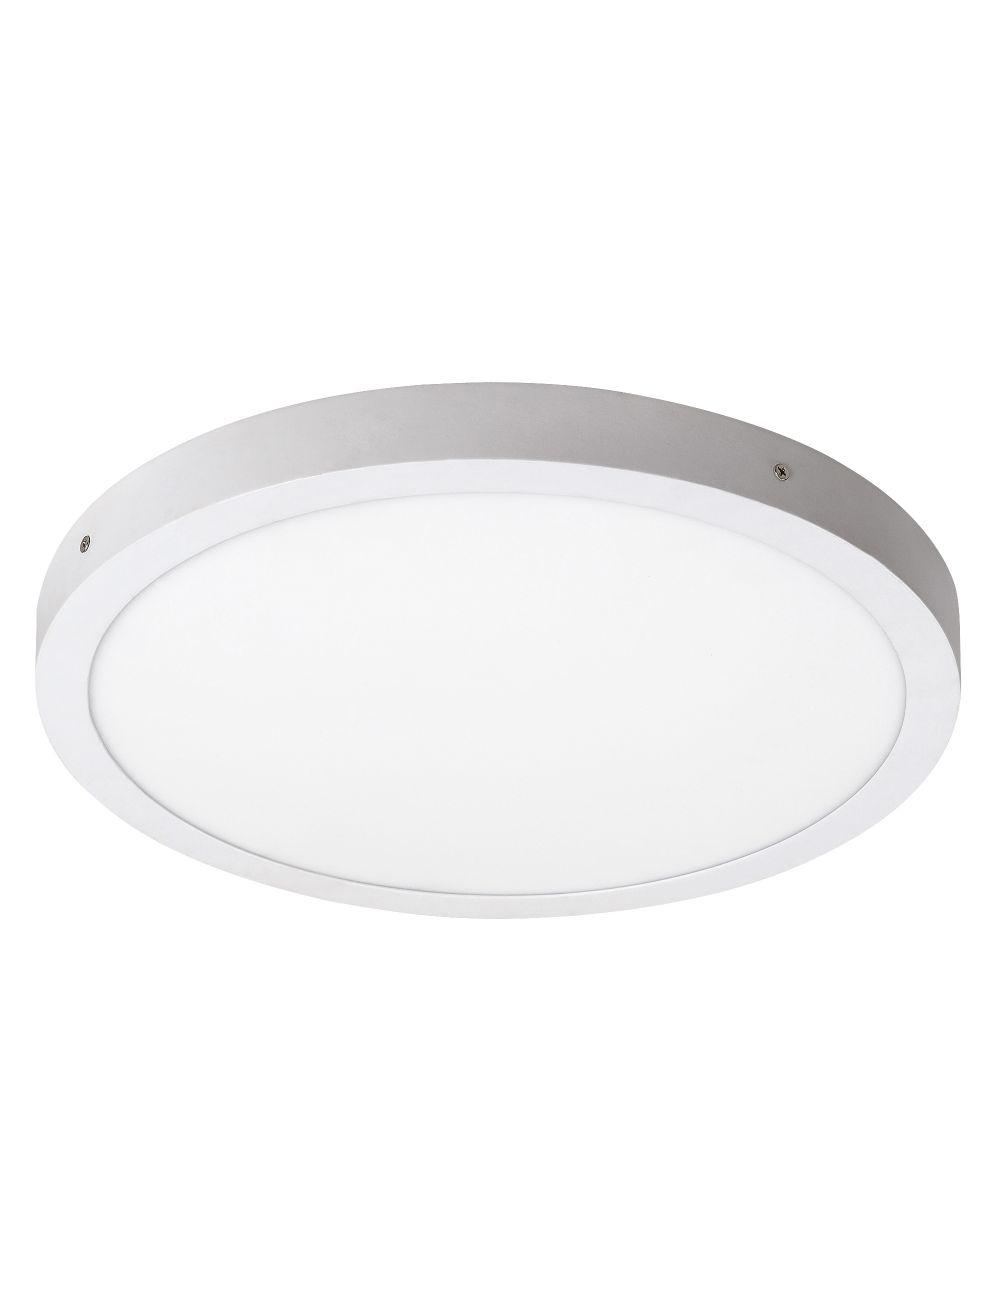 Plafon sufitowy ledowy okrągły natynkowy 40 cm Lois biały Rabalux 2658